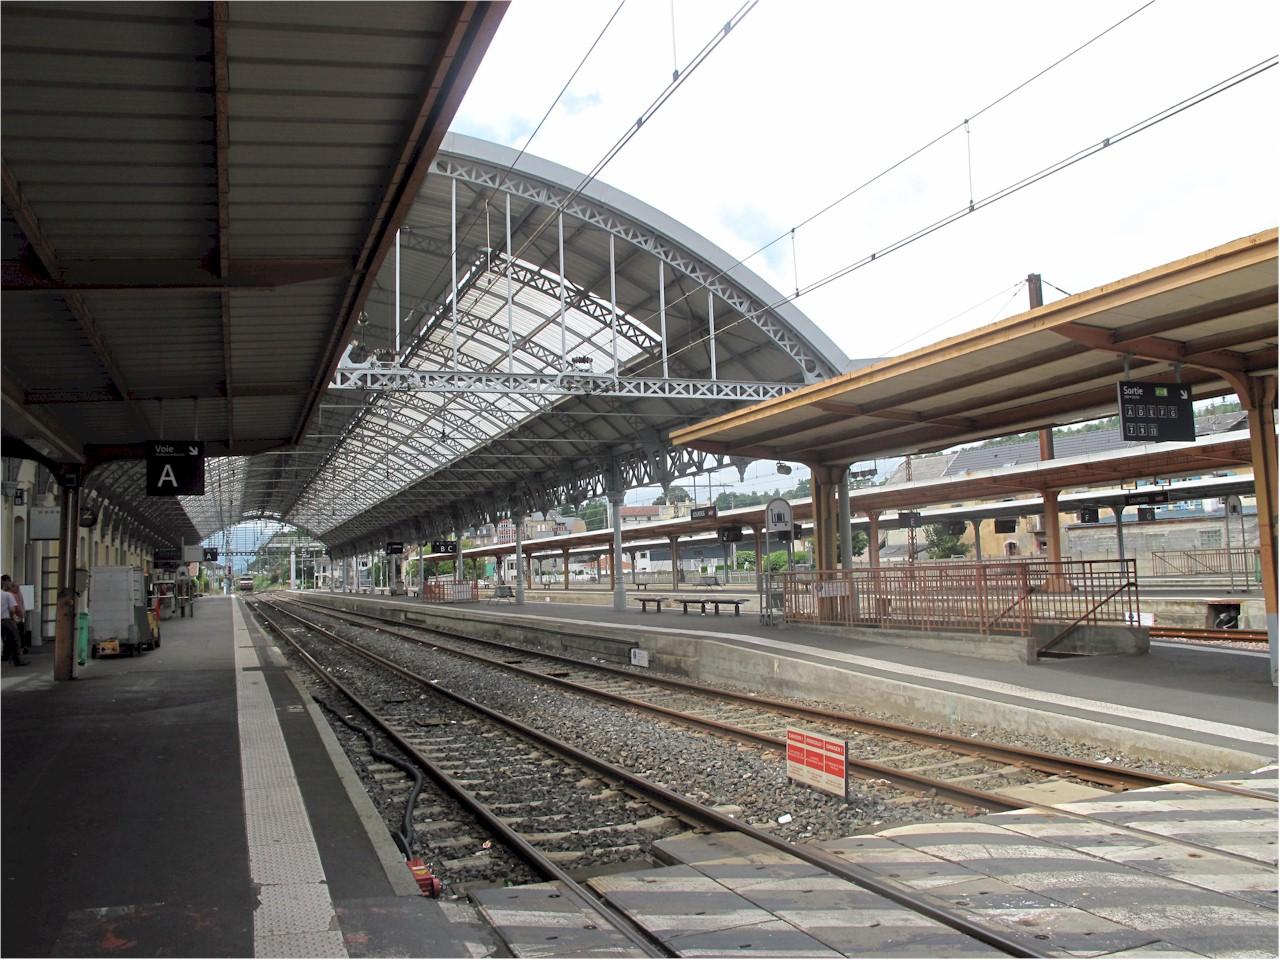 Lourdes-train-station